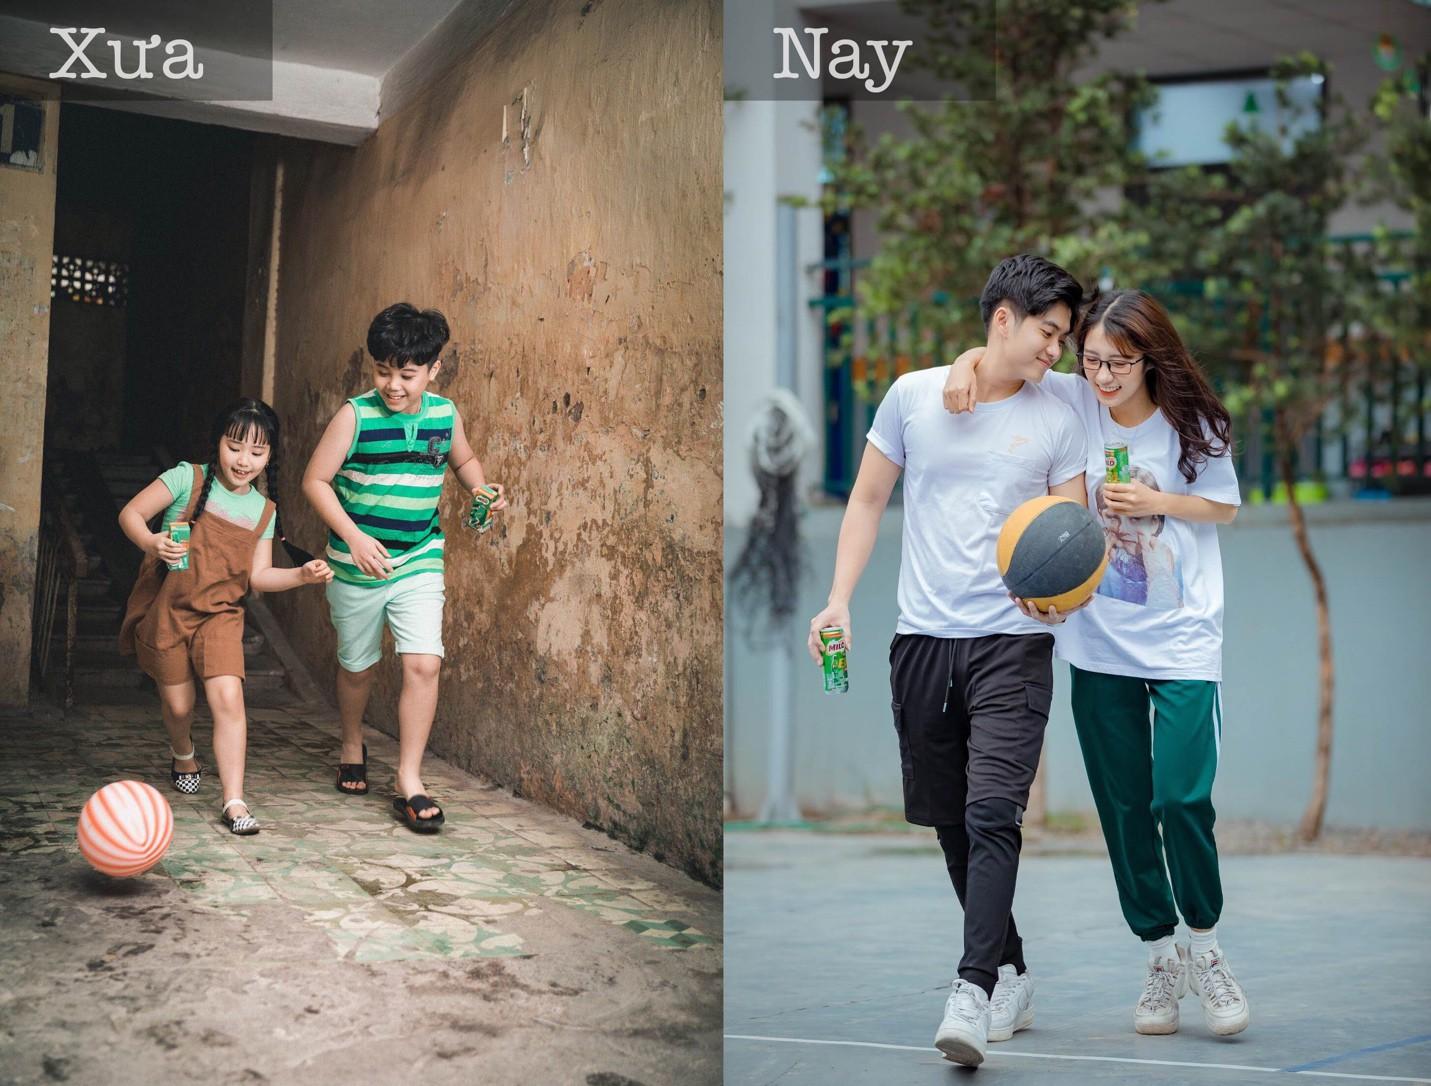 Bộ ảnh Xưa - Nay về tình bạn này sẽ cho thấy ai cũng từng có đồng bọn lớn cùng năm tháng - Ảnh 7.